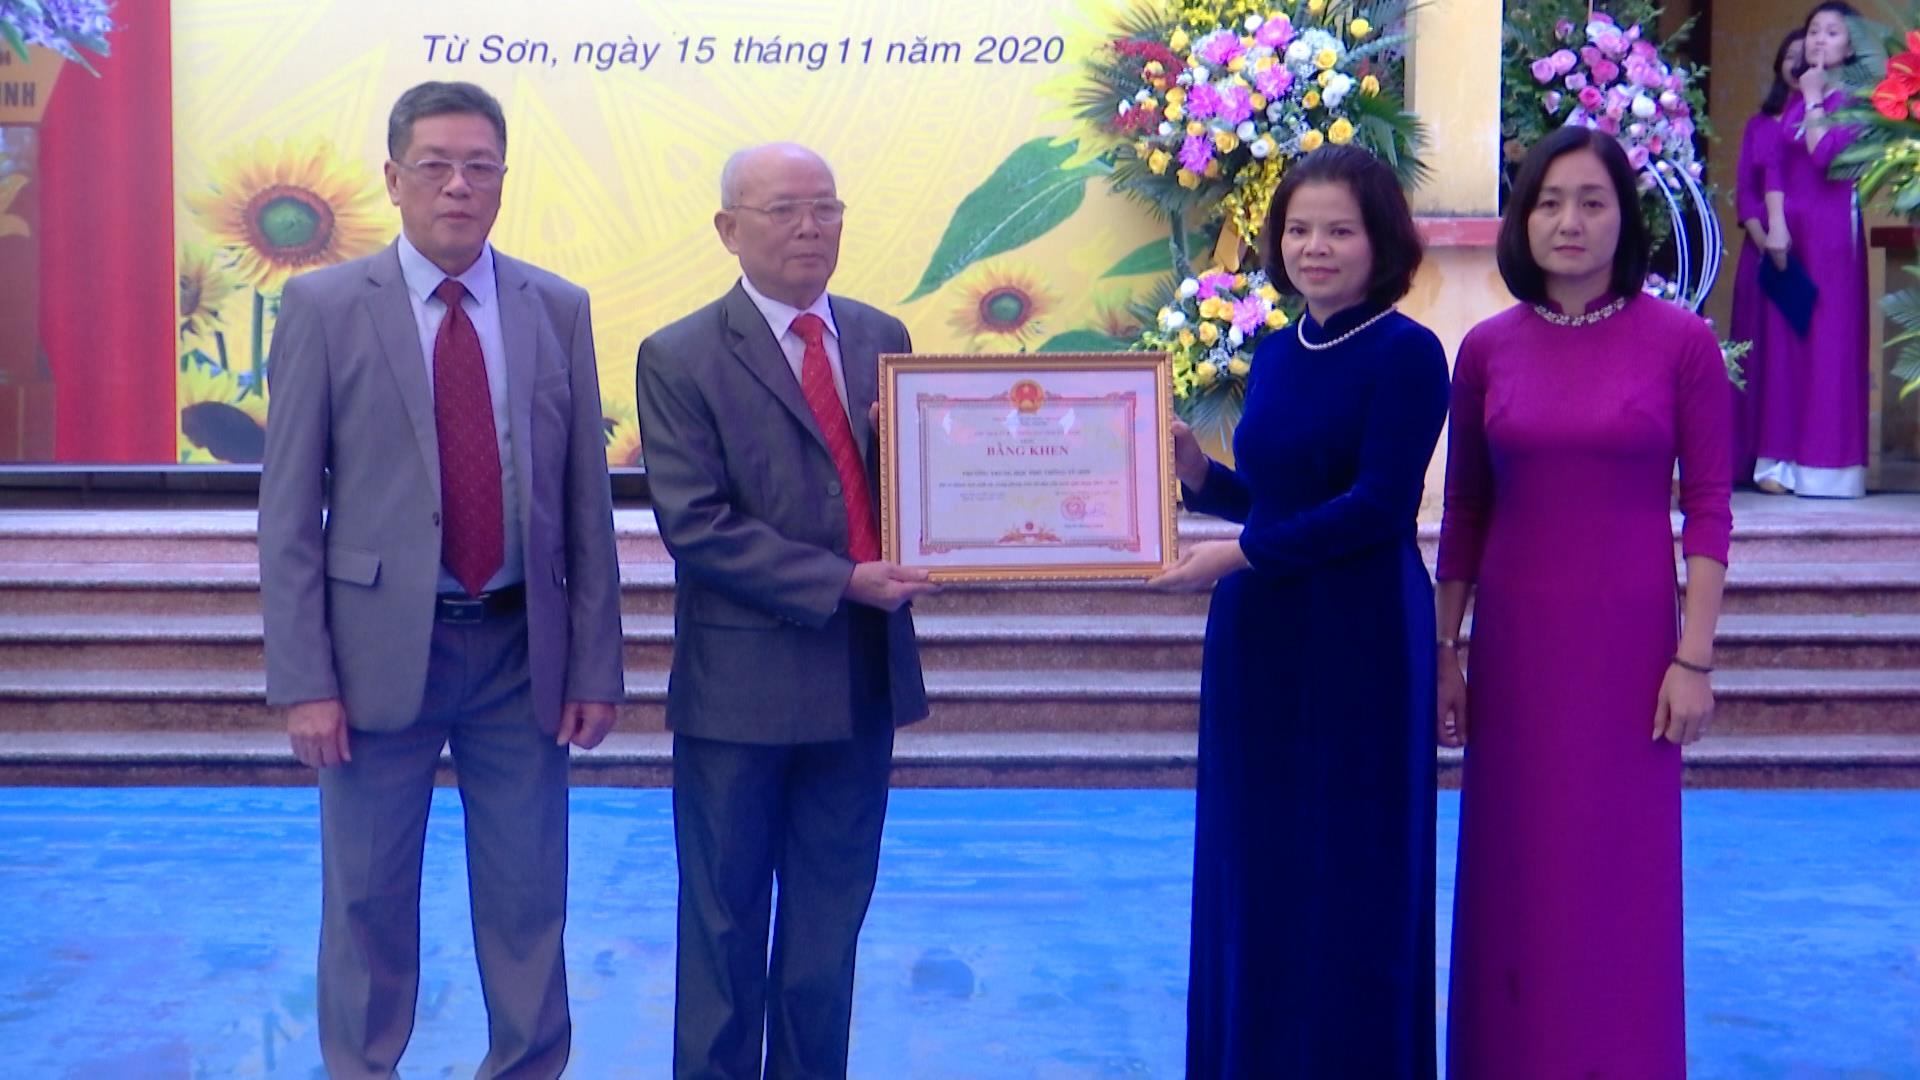 Chủ tịch UBND tỉnh dự lễ kỷ niệm 20 năm thành lập Trường THPT Từ Sơn